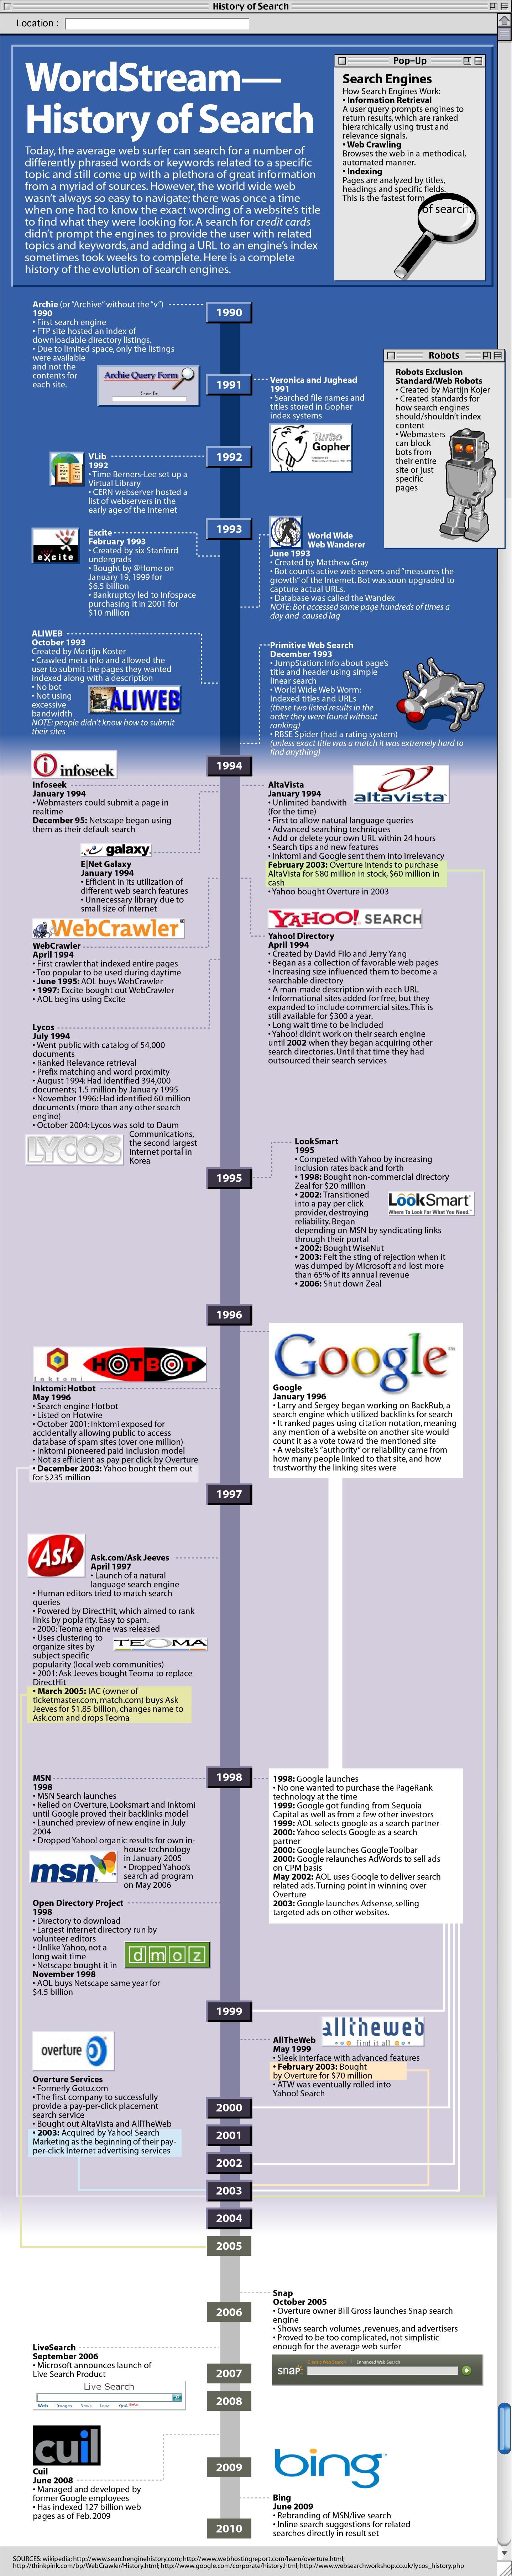 검색엔진의 역사